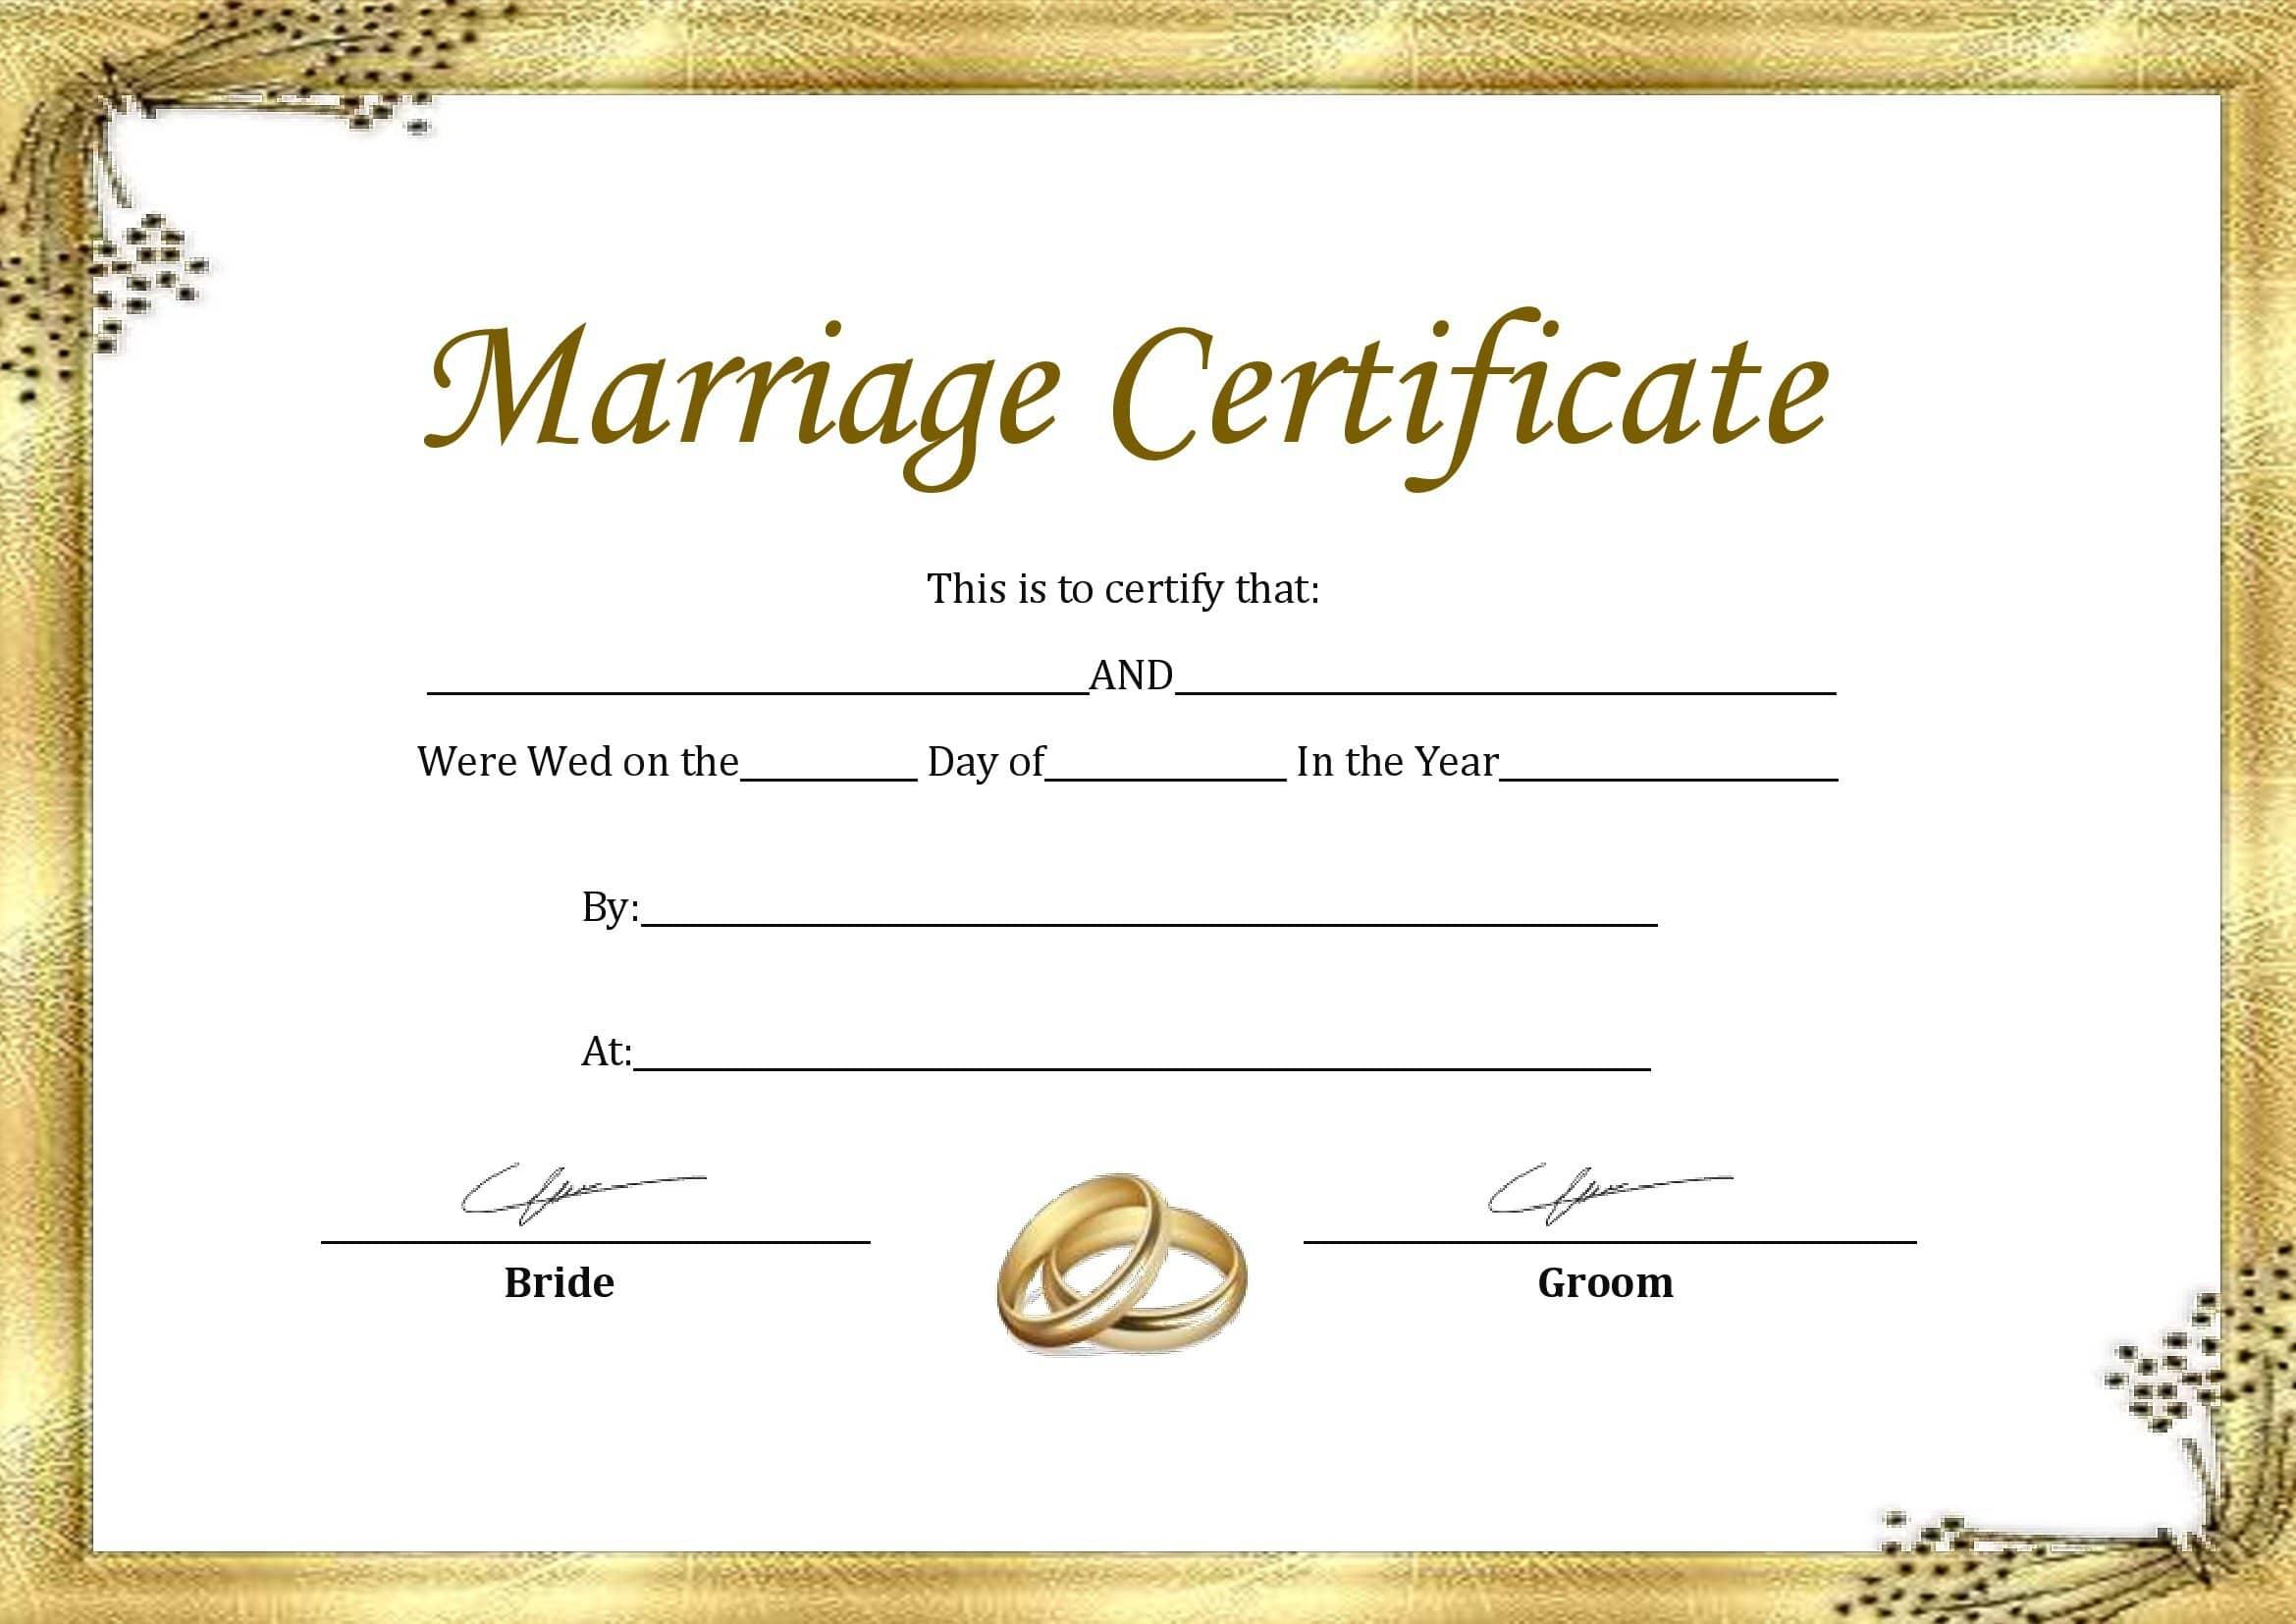 Casamento Civil Certidão De Casamento Em Branco Para Imprimir